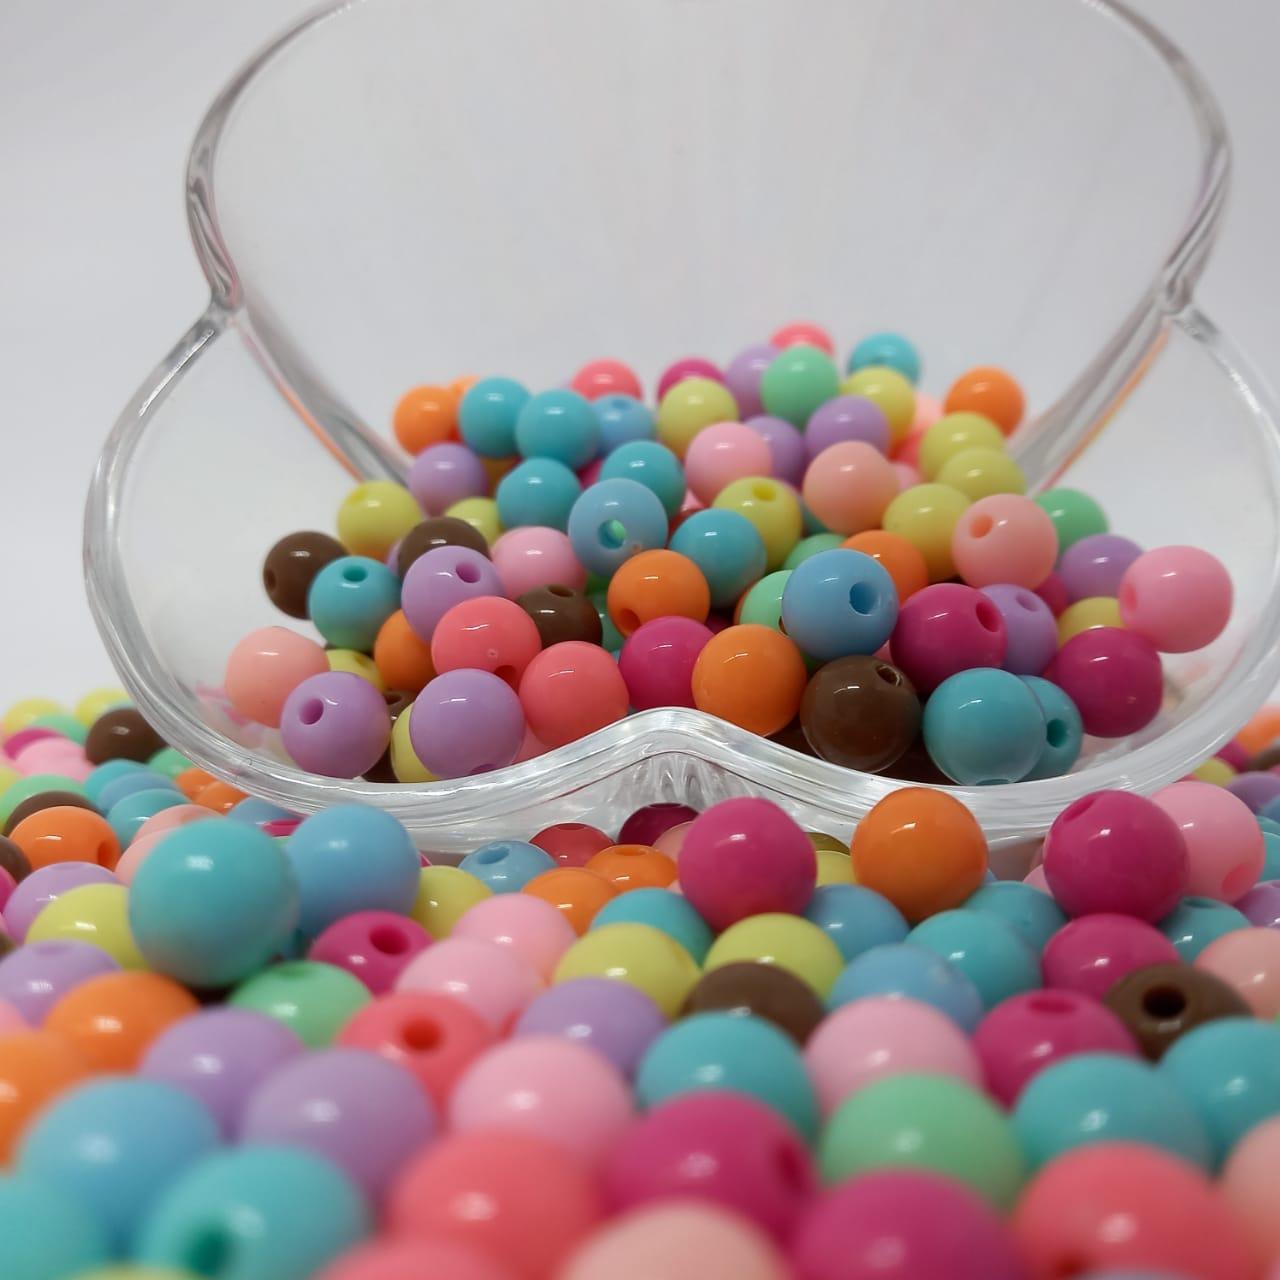 Bolinha de plástico colorida  - 25g 8mm